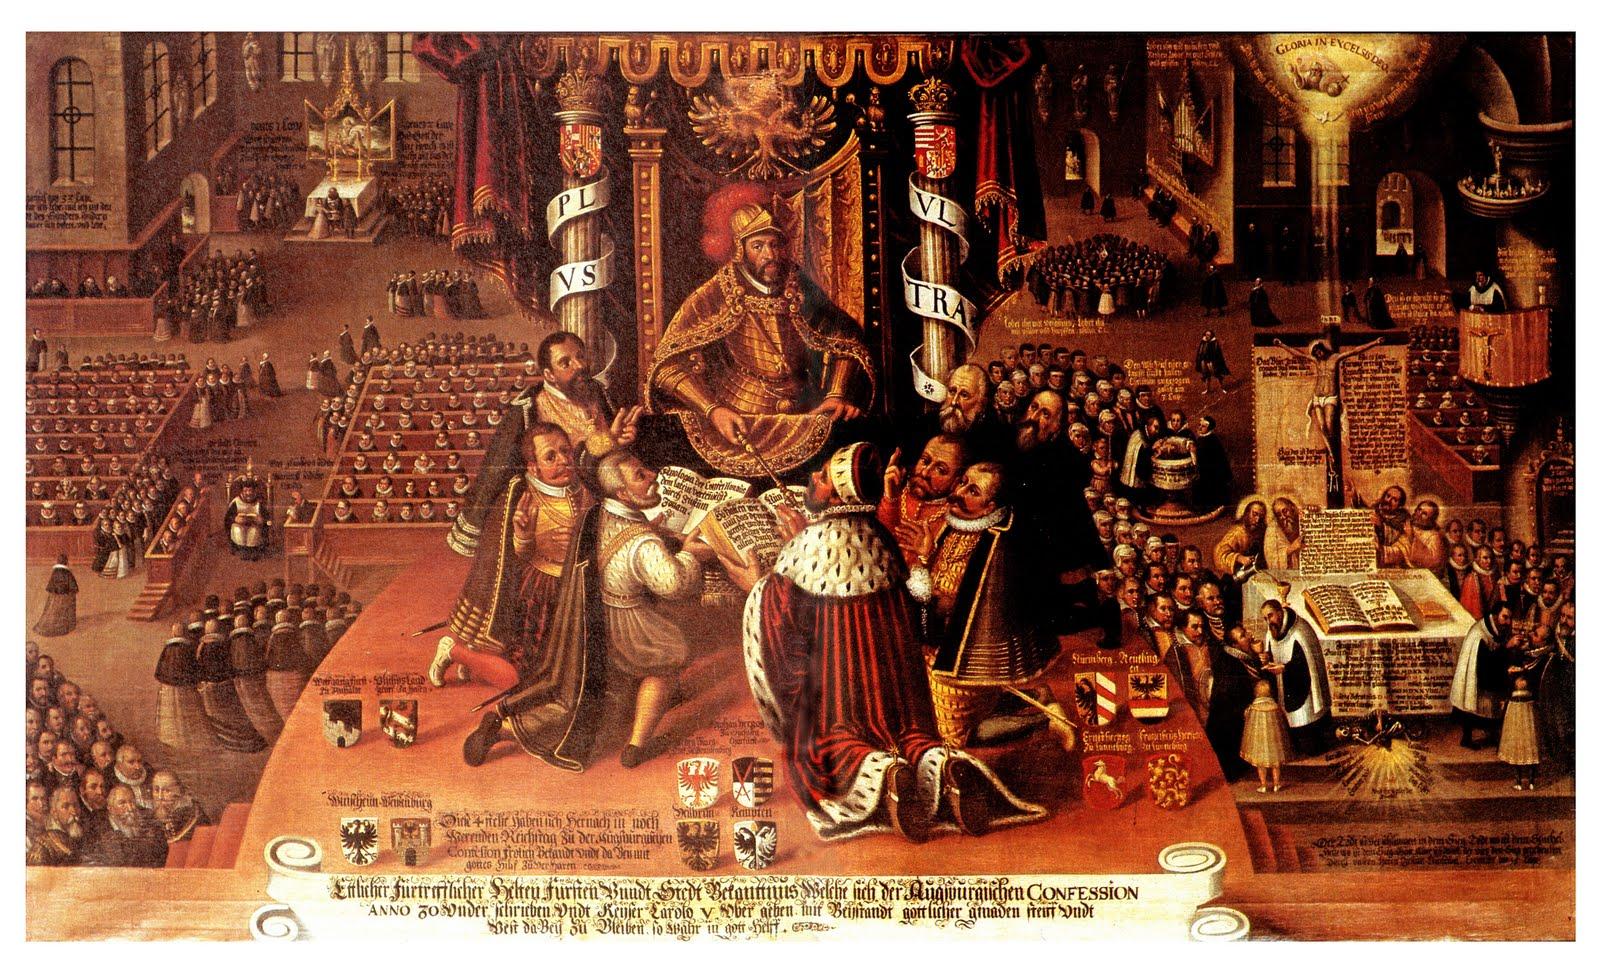 confessio augustana 7